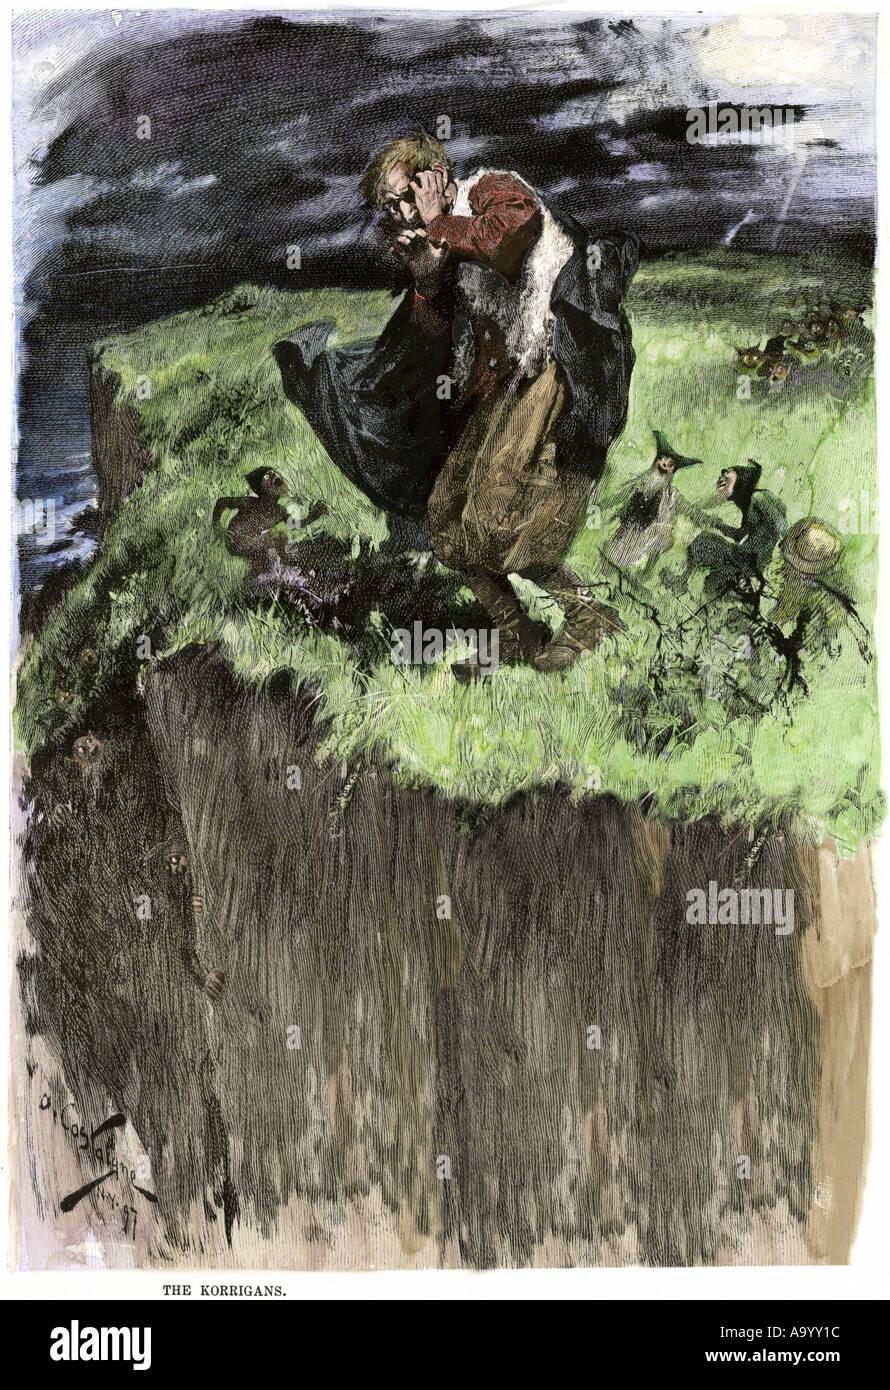 Clurichauns der irischen Folklore ein tipsy Reisende in die Irre führt. Hand - farbige Holzschnitt Stockbild